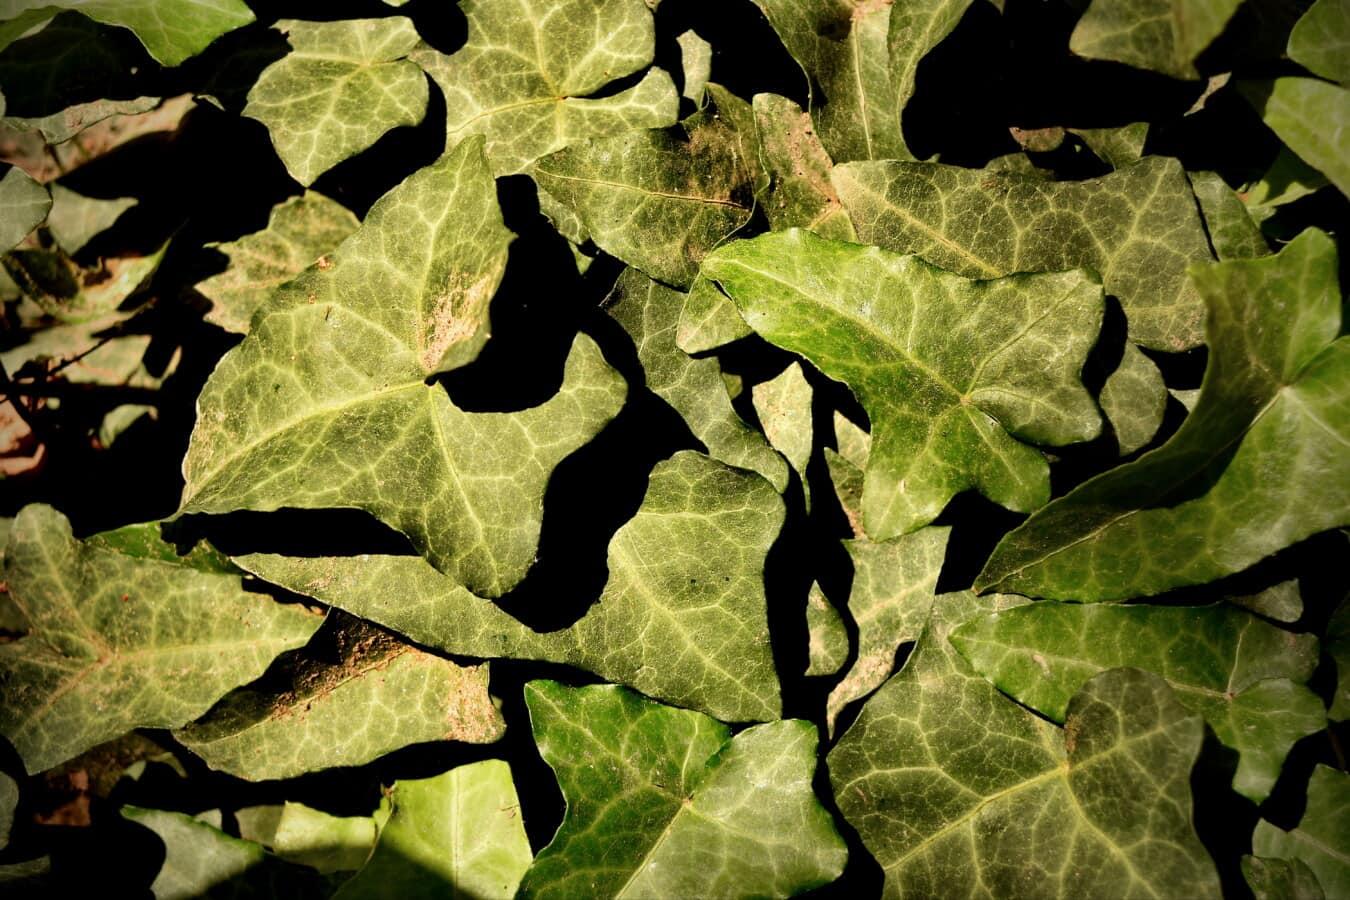 feuilles vertes, lierre, herbe, printemps, ombre, plante, feuille, texture, nature, flore